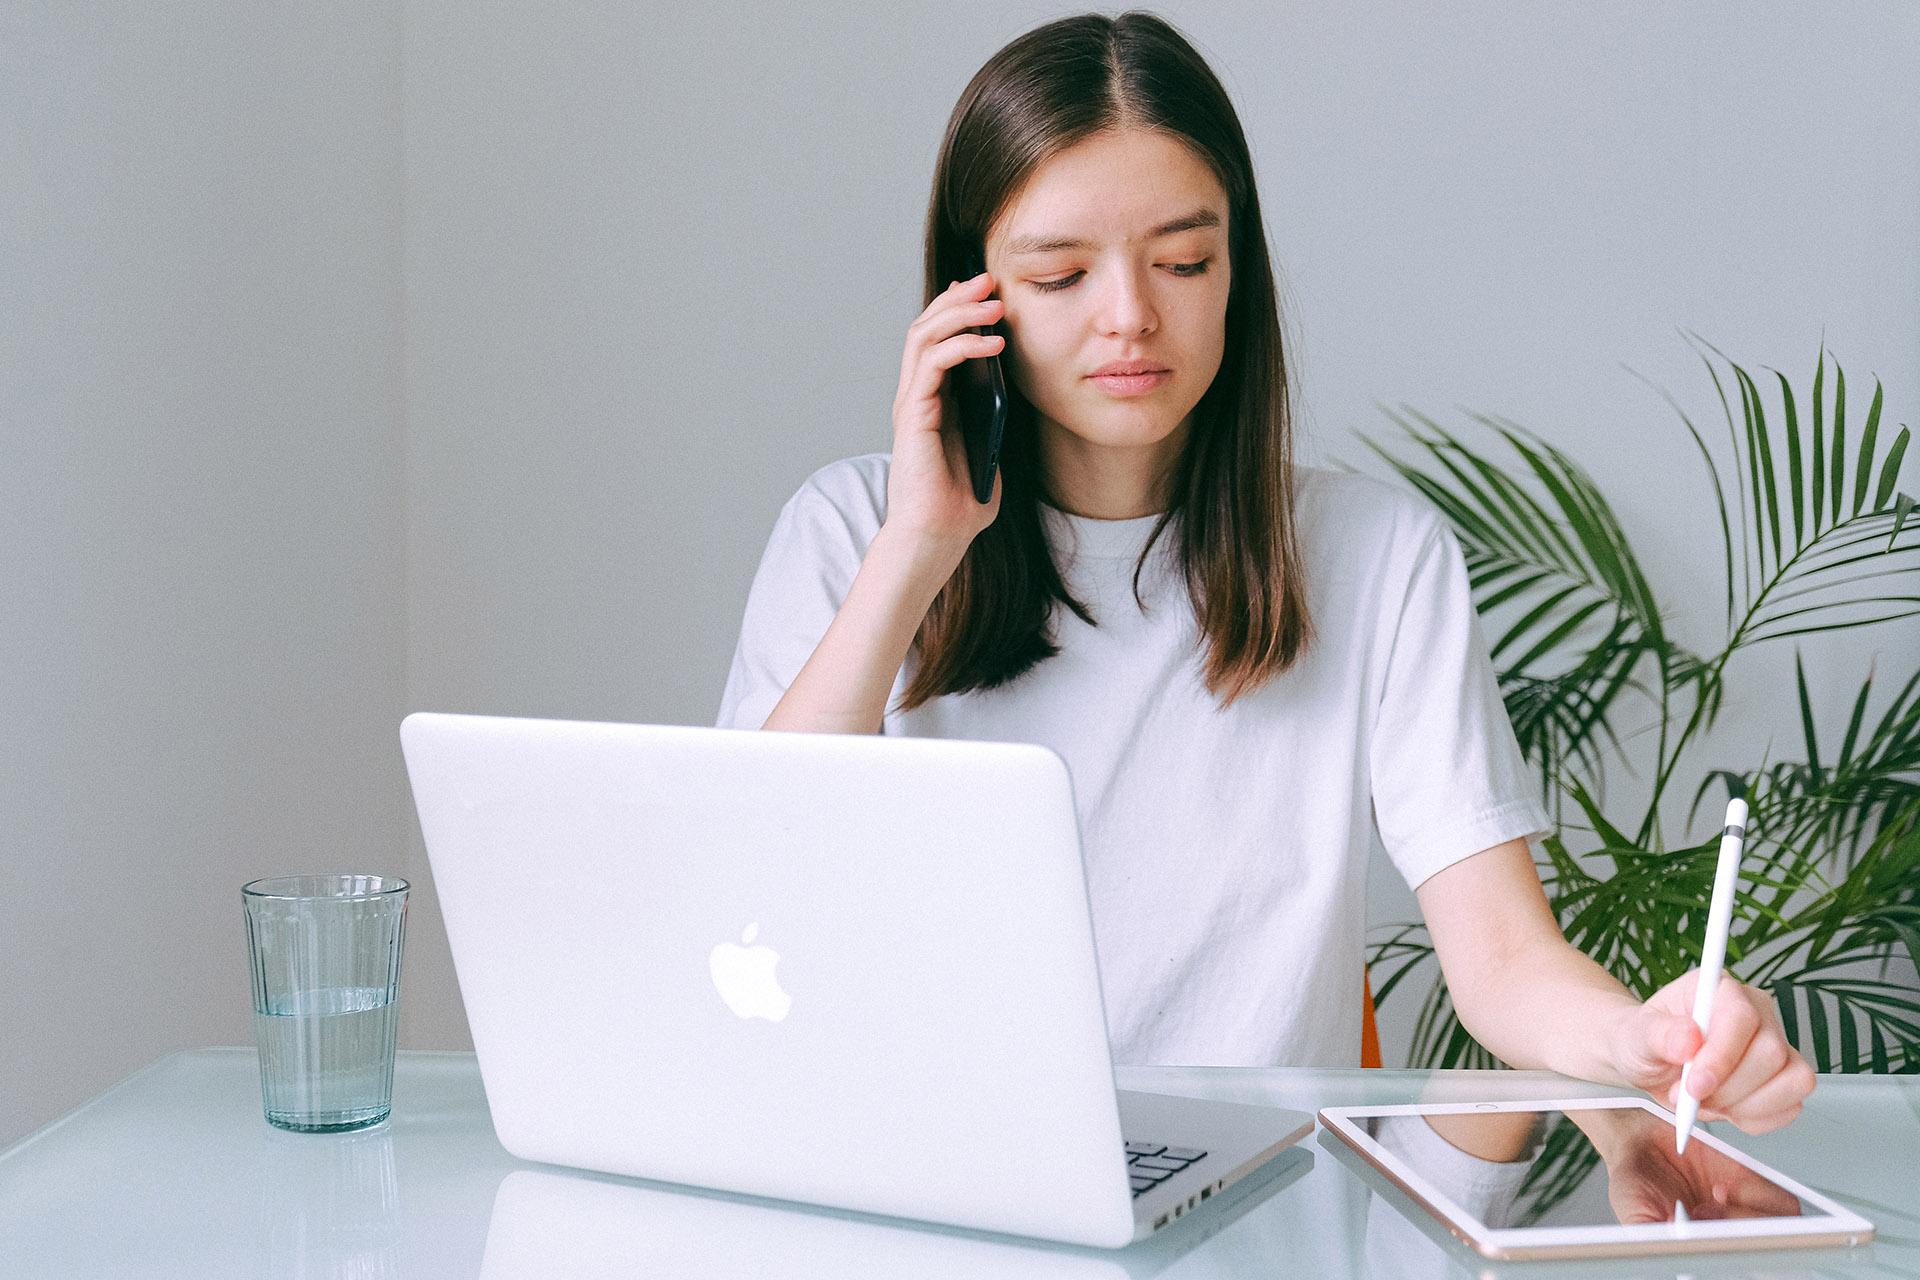 Komunikacja: Pani prowadzi rozmowę przez telefon, notuje uwagi klienta na tablecie, ma przed sobą również laptop. Na stole stoi również szklanka z wodą.